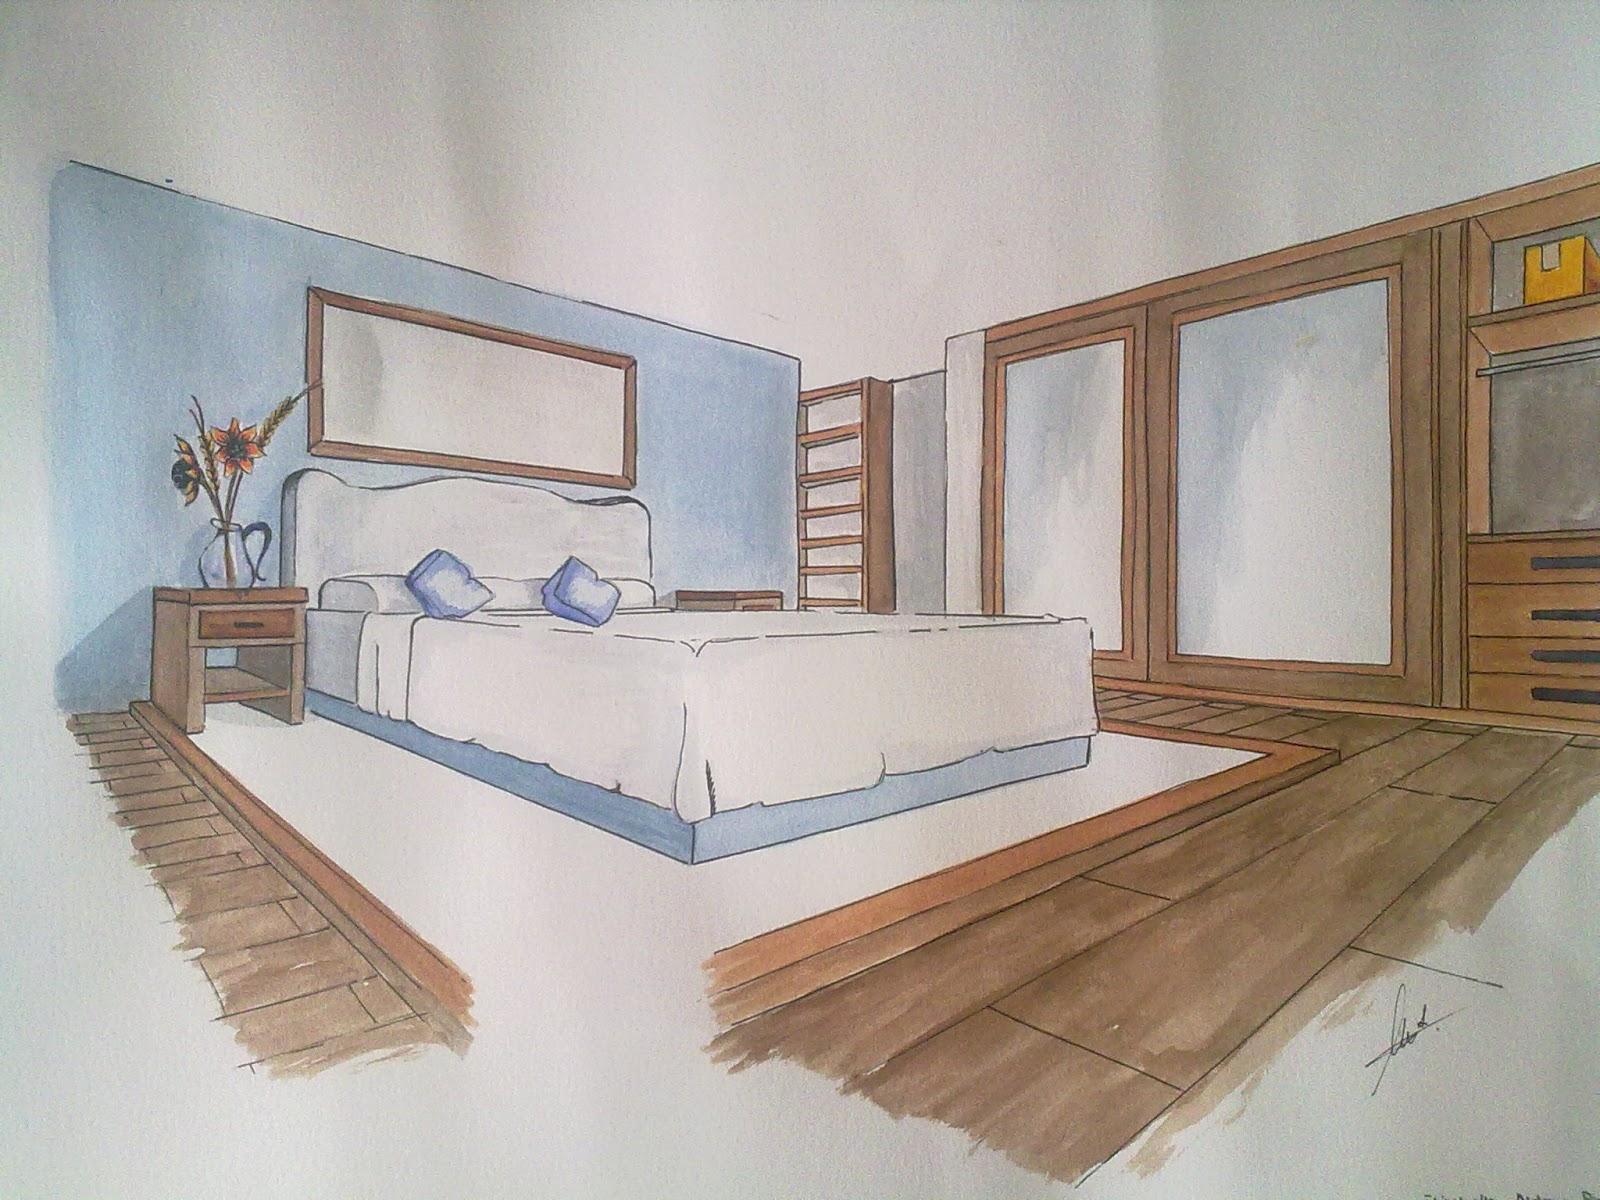 Silvia barzola arte perspectiva - Habitacion en perspectiva conica ...